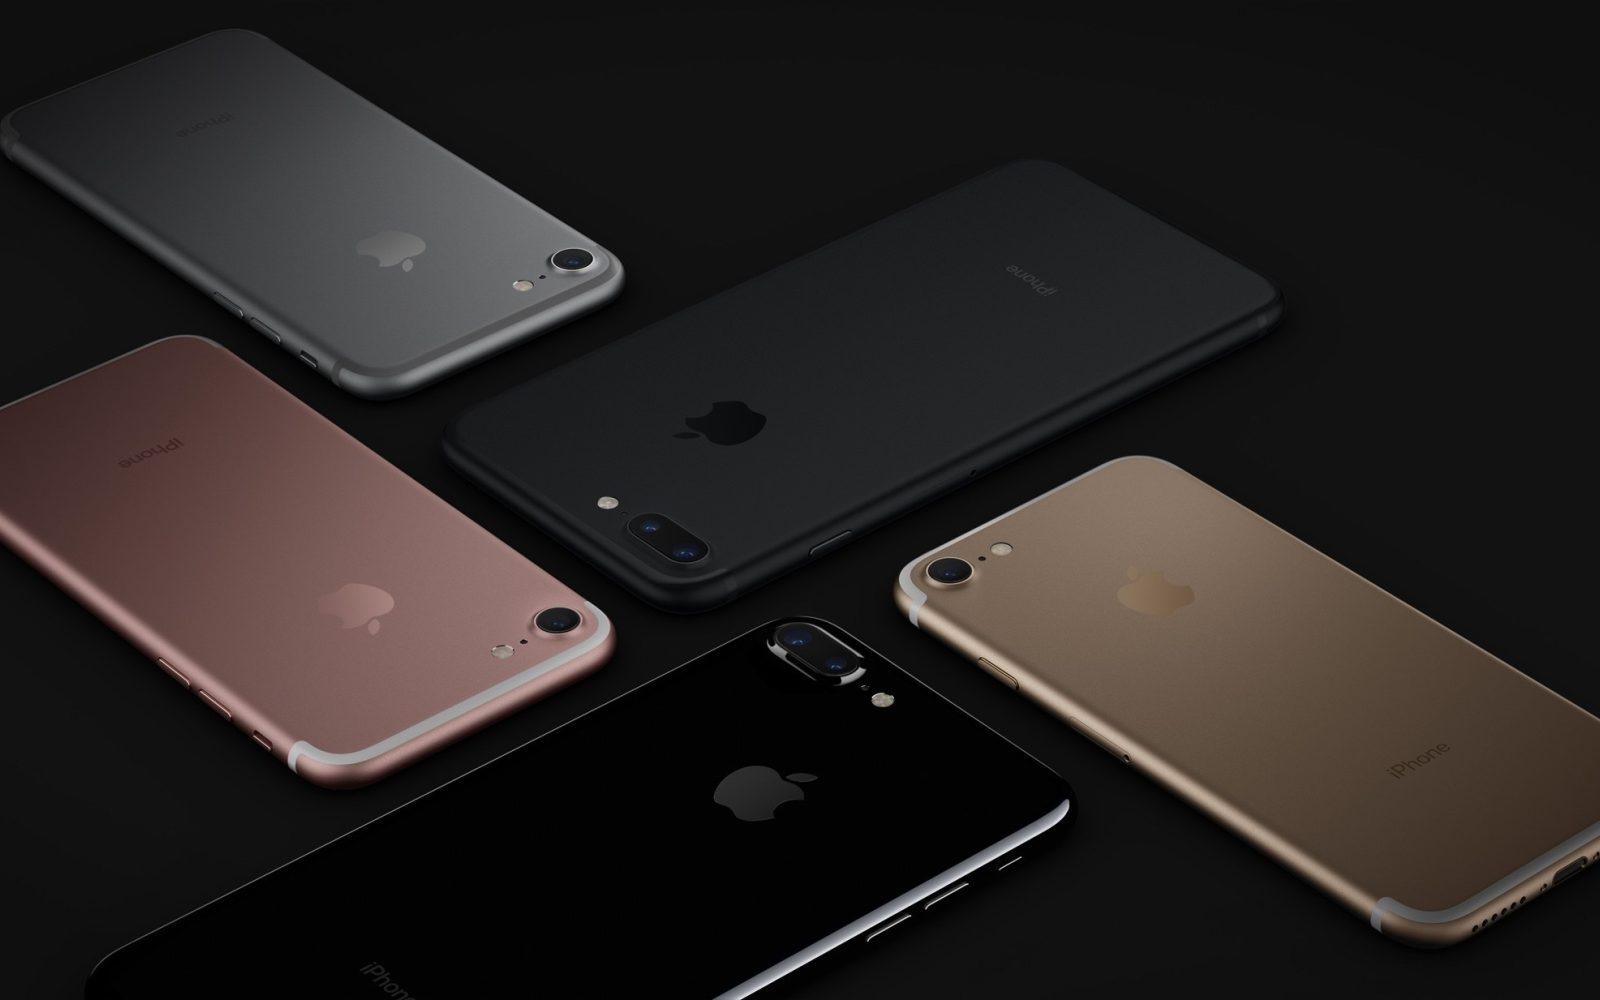 Bất chấp chiến tranh thương mại, Apple lần đầu mua linh kiện Trung Quốc nhiều hơn cả Mỹ, Nhật